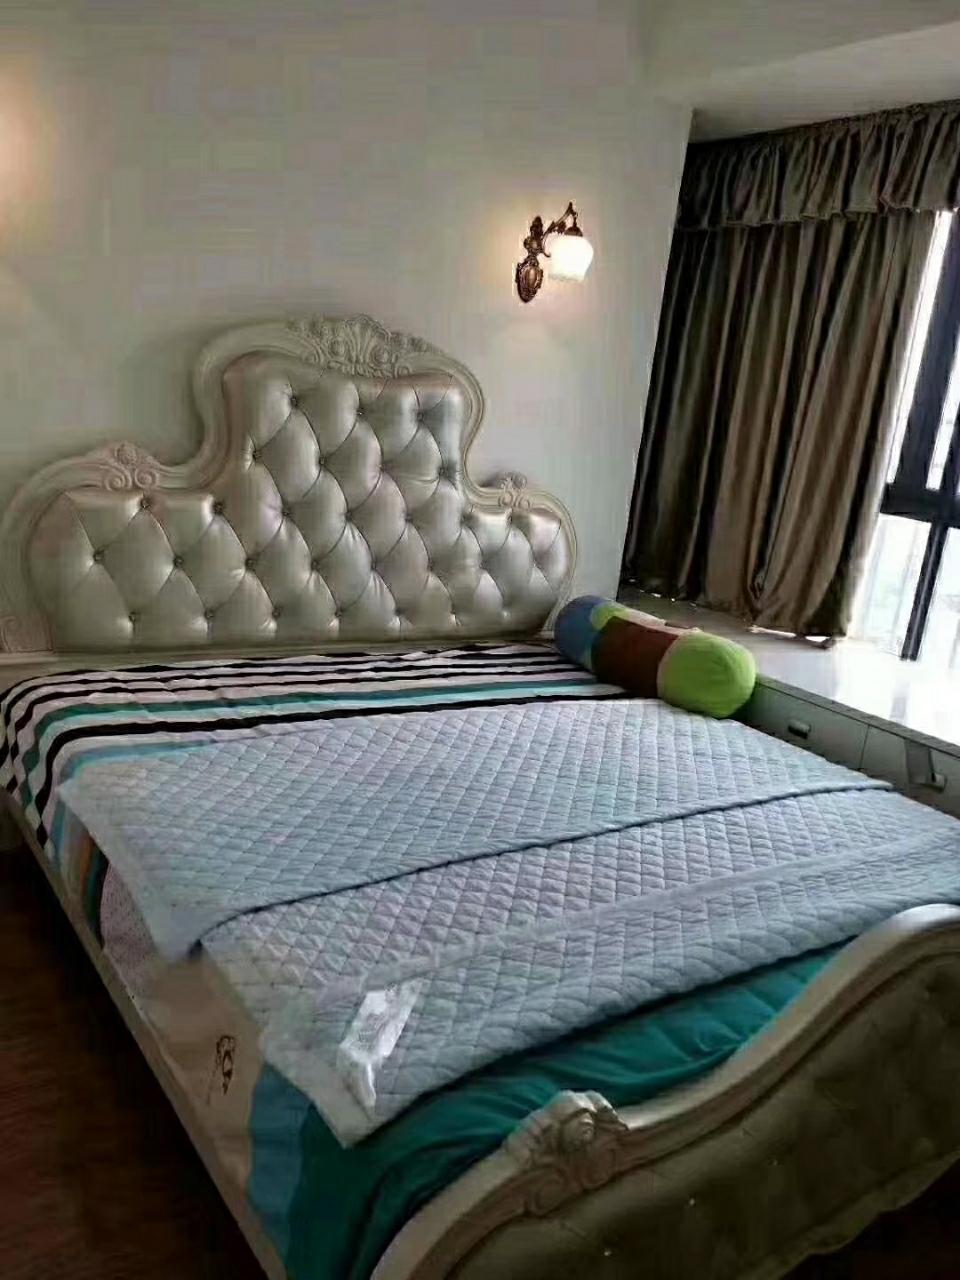 凯翔摩尔国际豪装2室 2厅 1卫一口价66万元